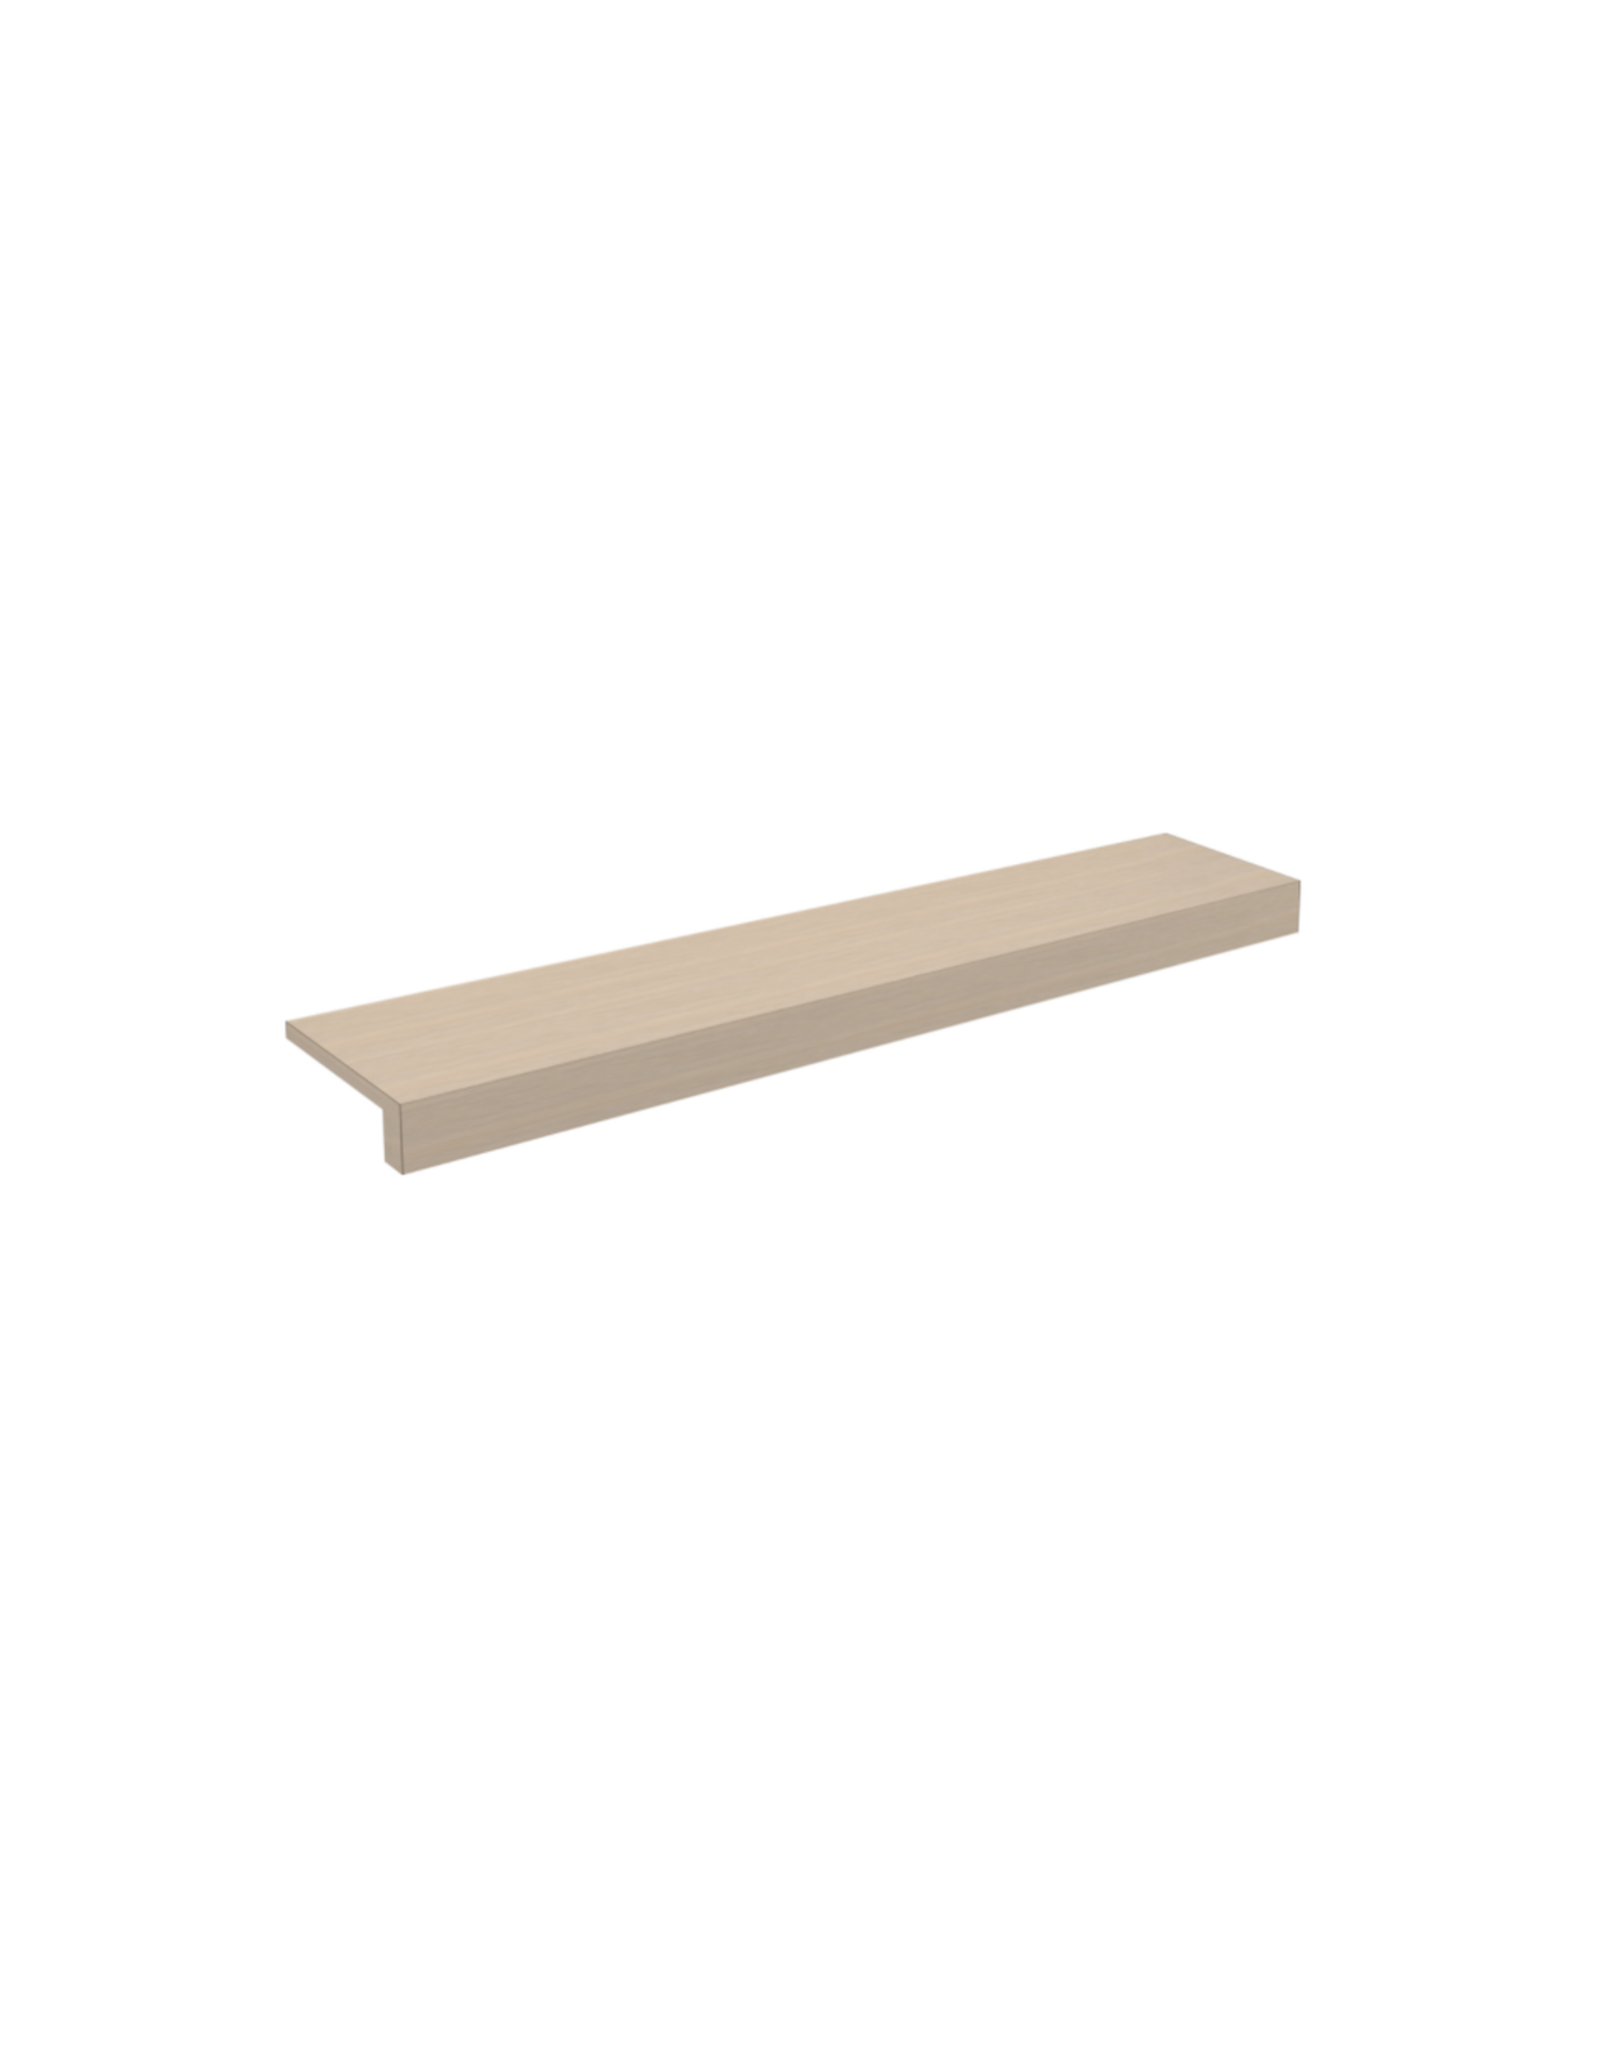 Mini Match Me Planchet 140 cm - uitverkoop